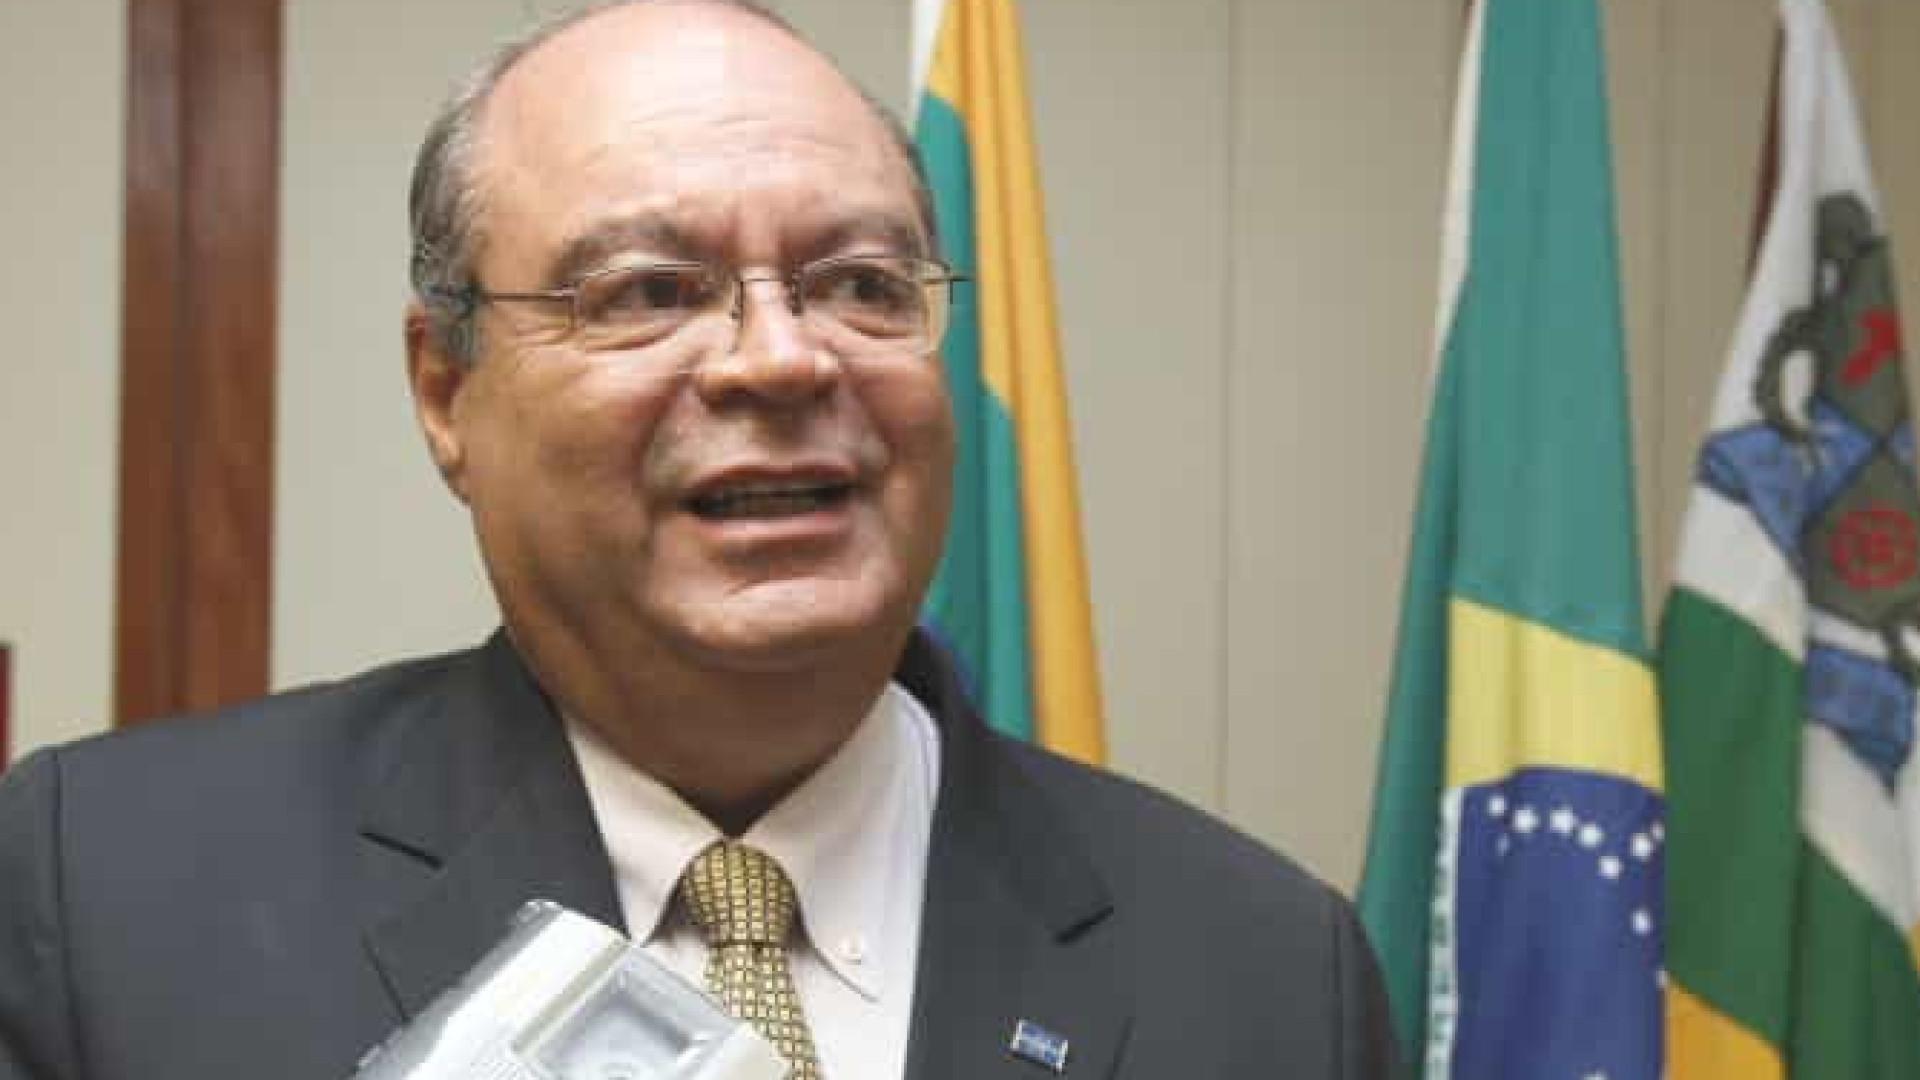 Empresário se suicida na frente de ministro em Aracaju